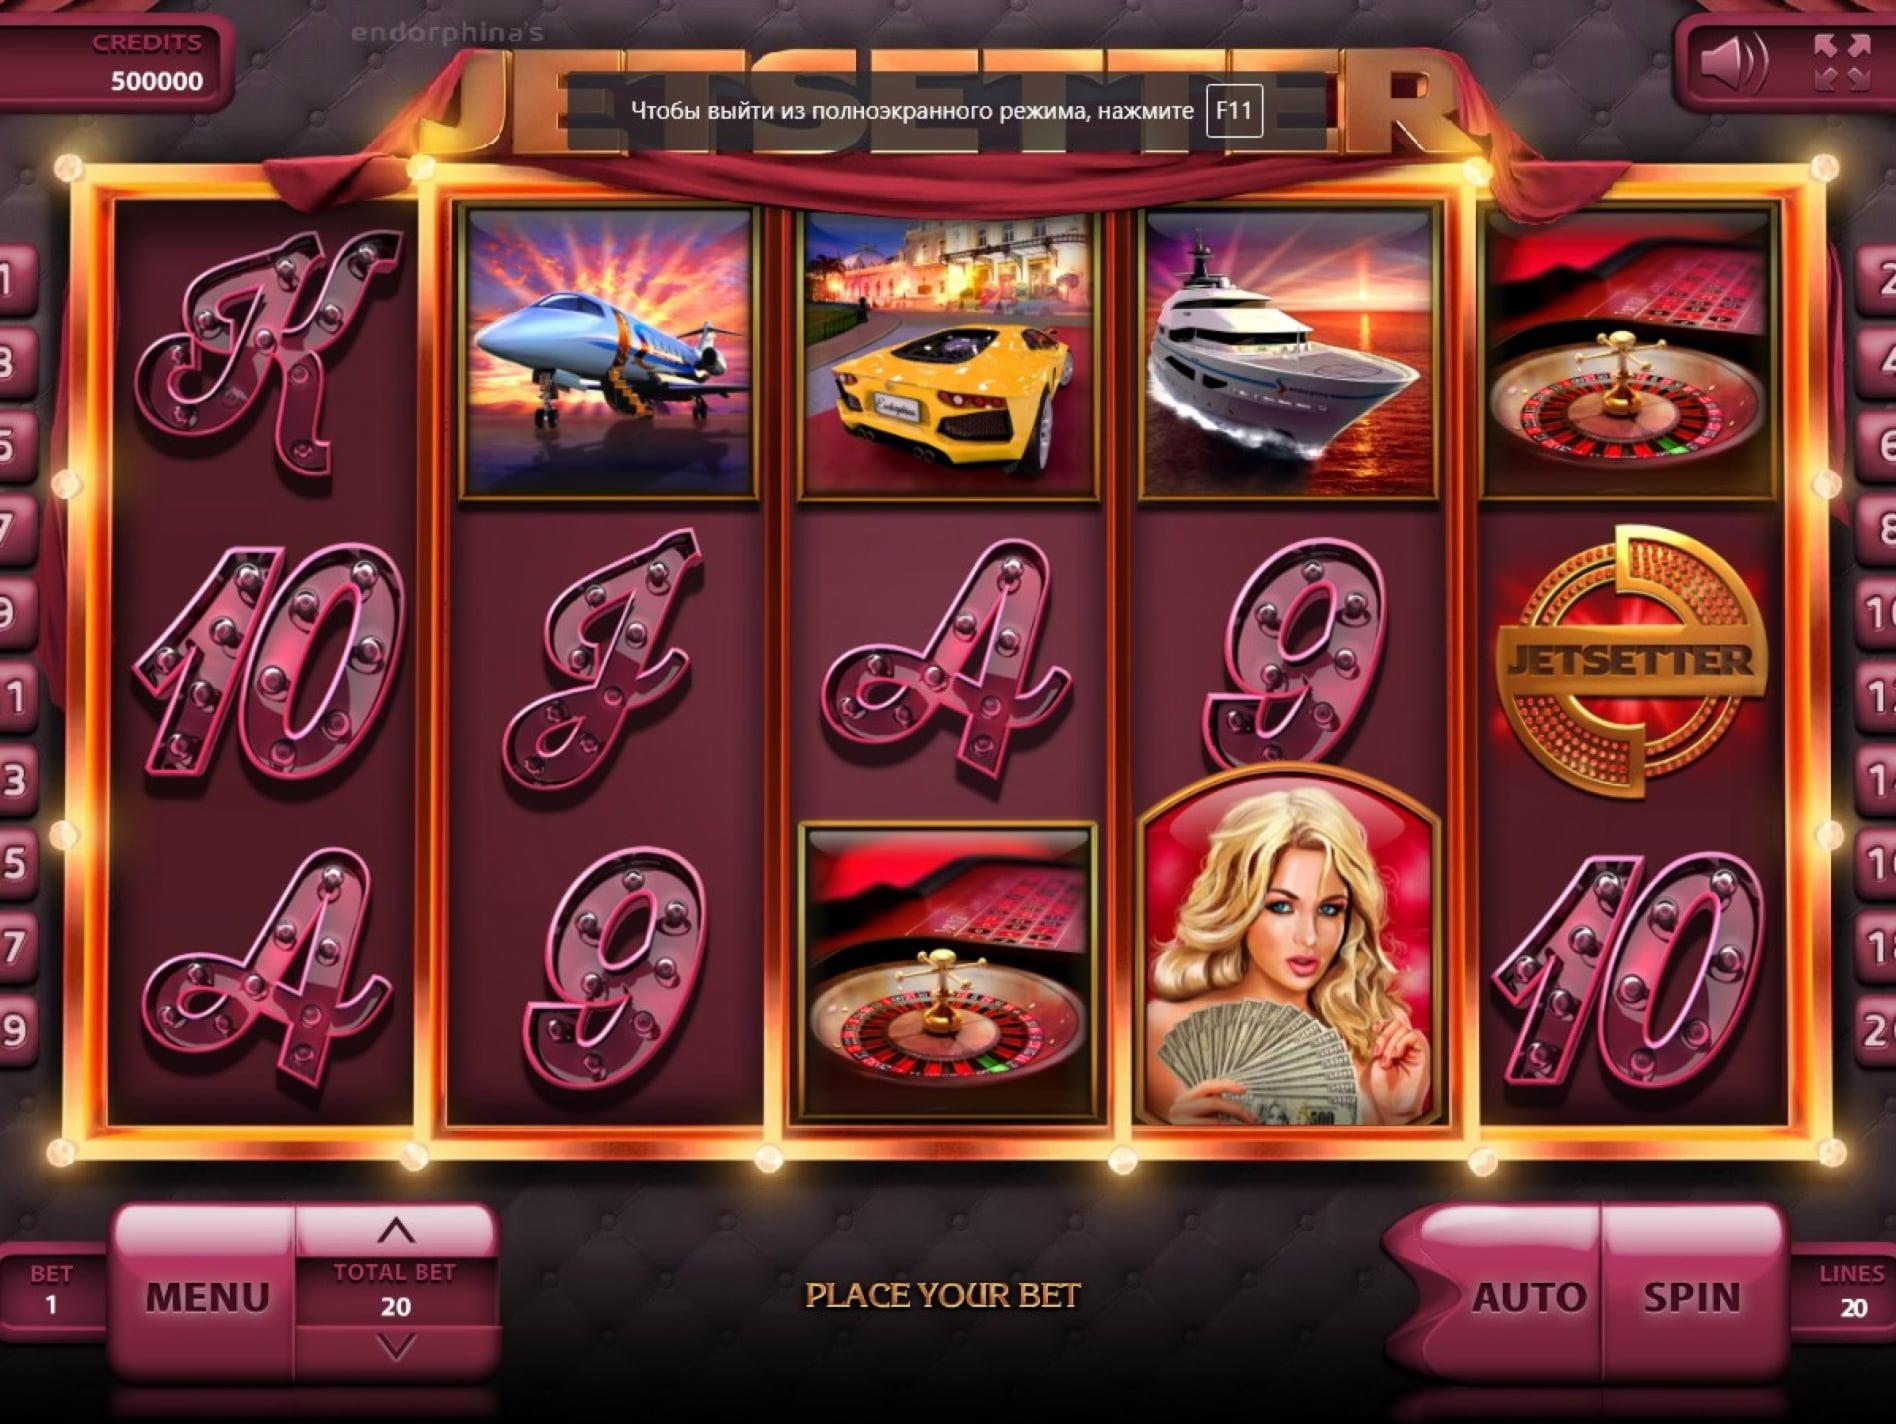 Red Пинг урала боюнча EUR 390 акысыз чип казино